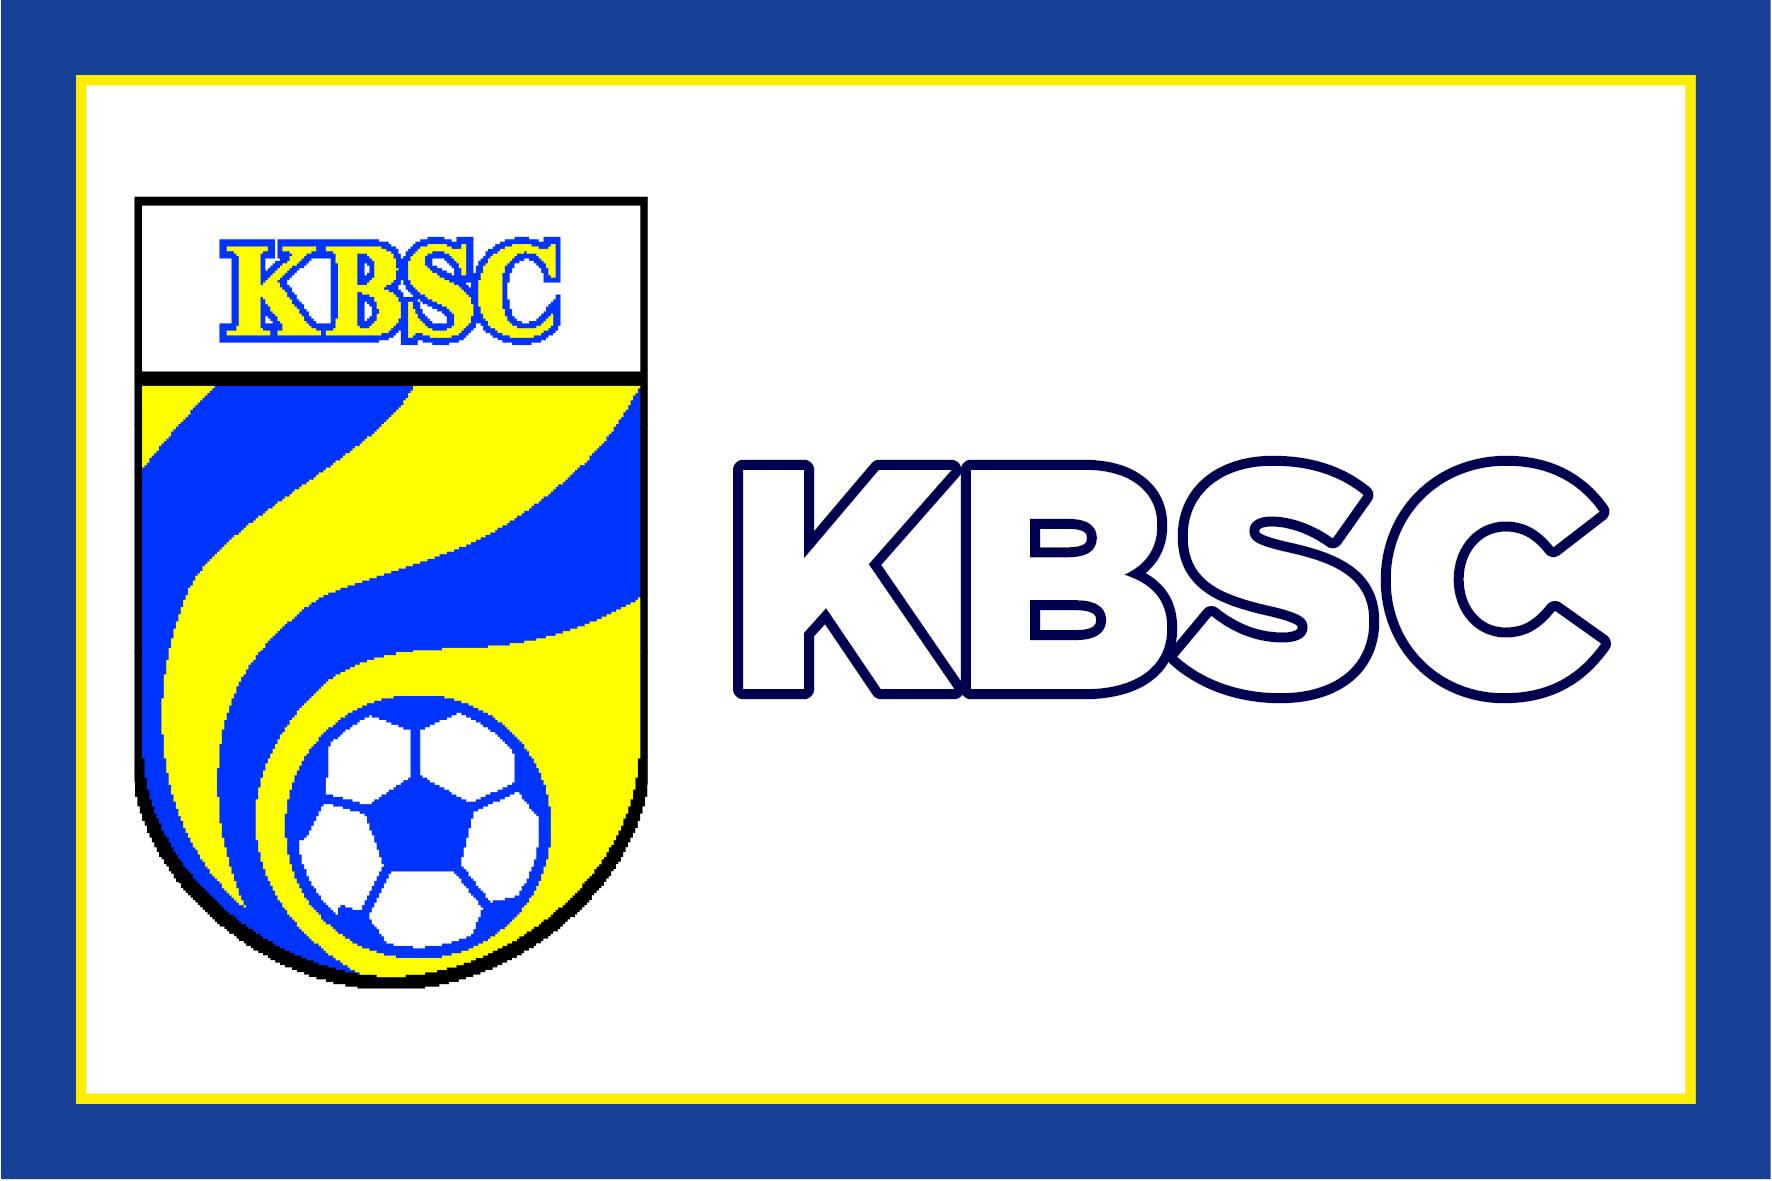 https://kolorline.hu/KBSC - Újabb játékos érkezett